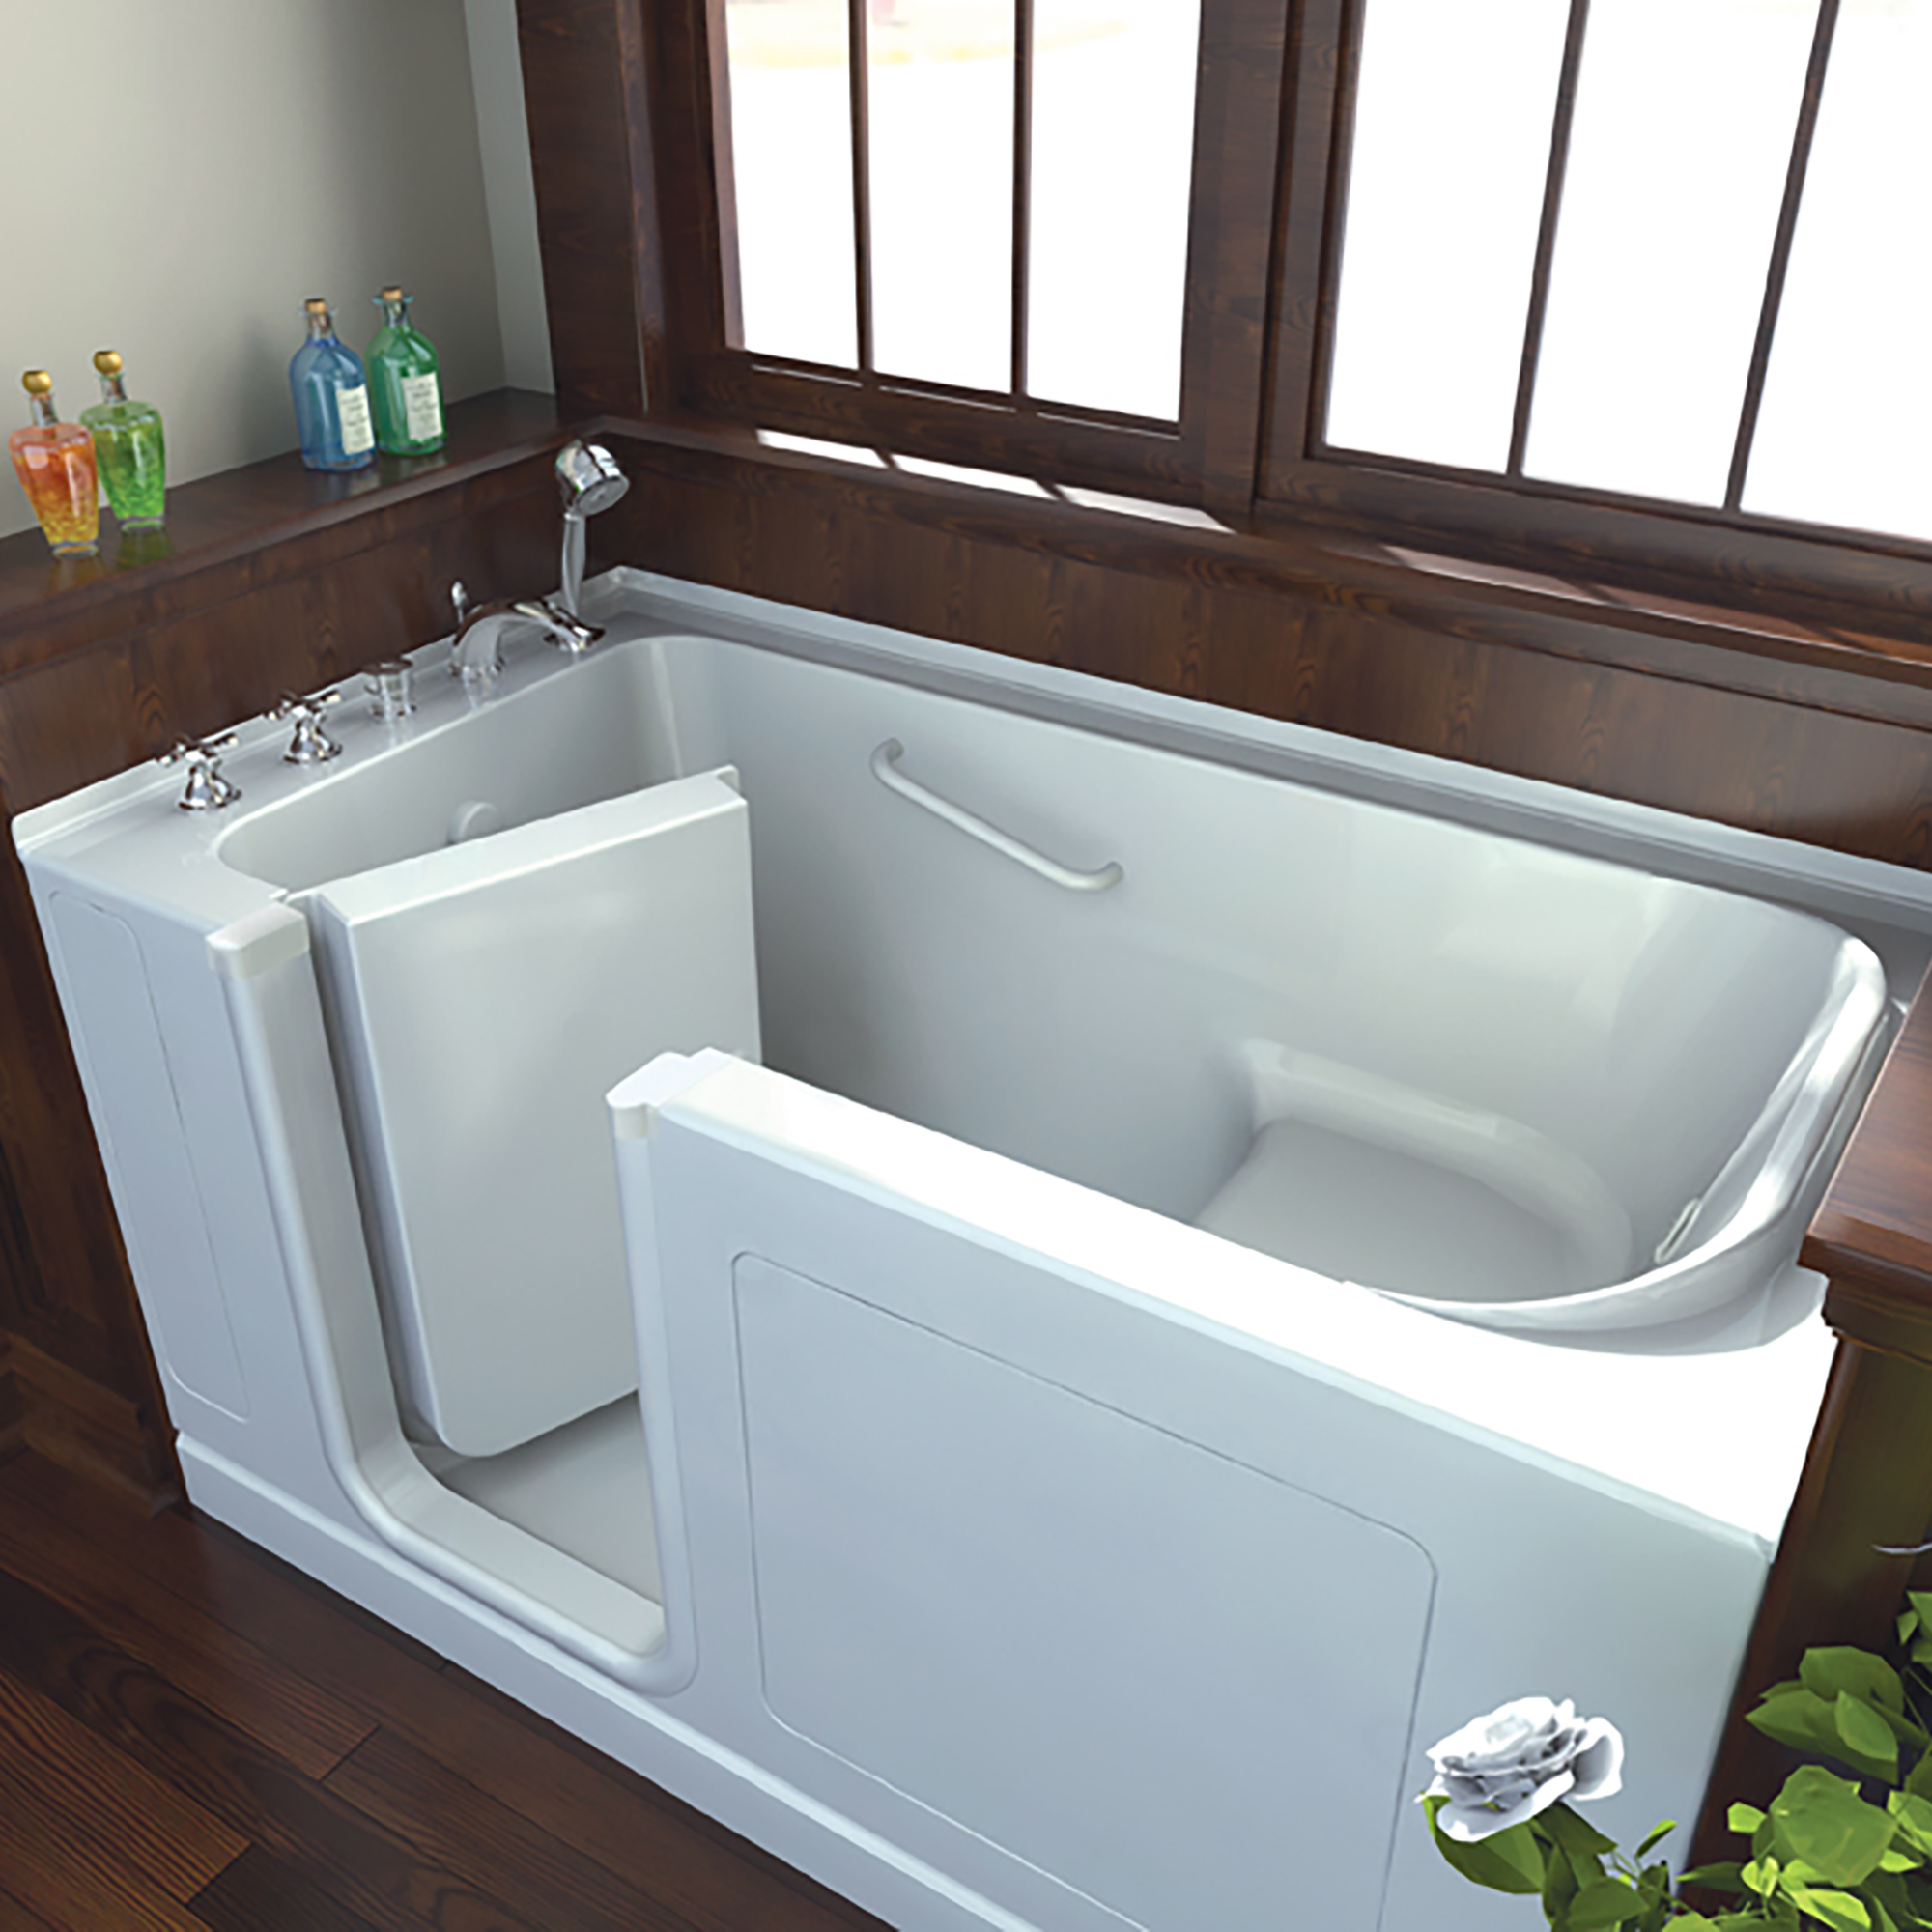 walk in baths 32 inch by 60 inch walk-in bath OAFZXLP